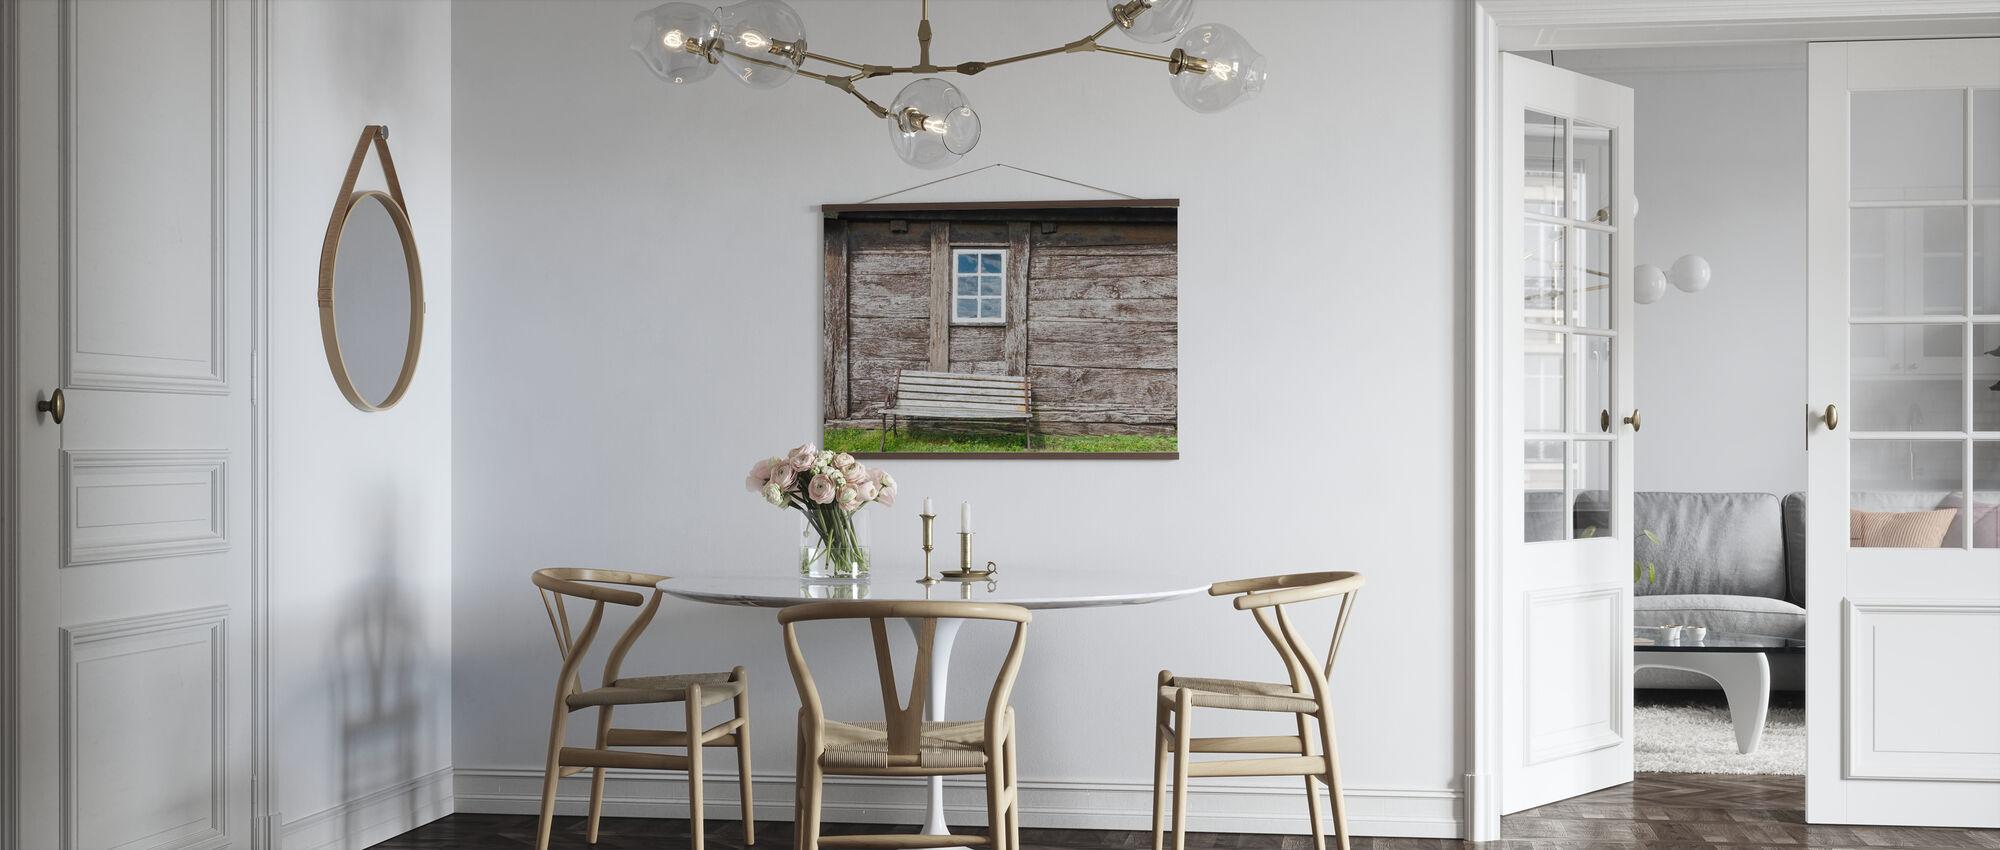 Hus Idyll - Plakat - Kjøkken